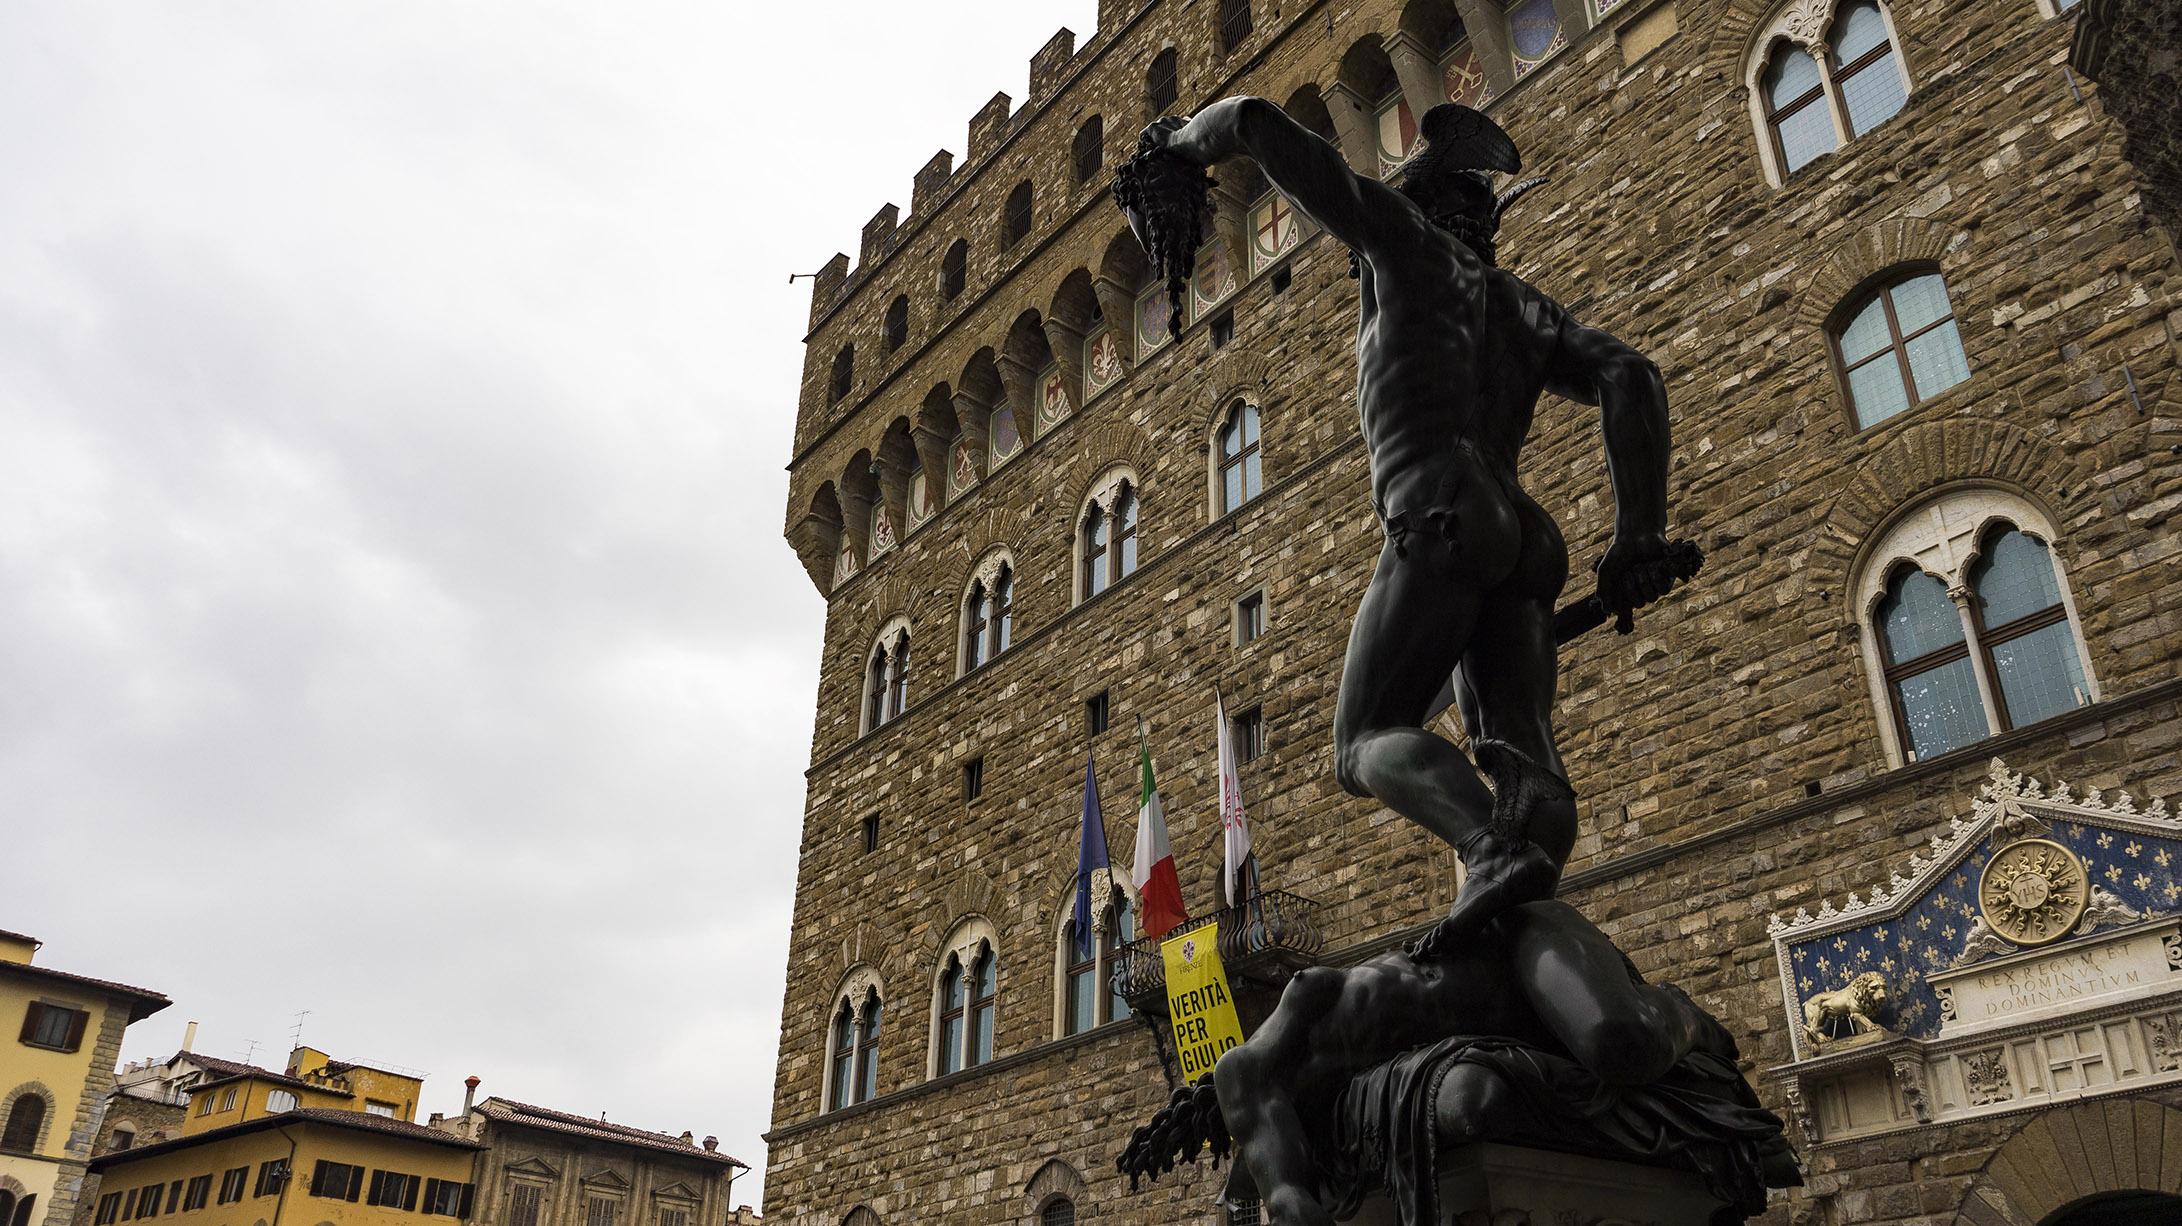 Достопримечательности Флоренции: Статуя Давида